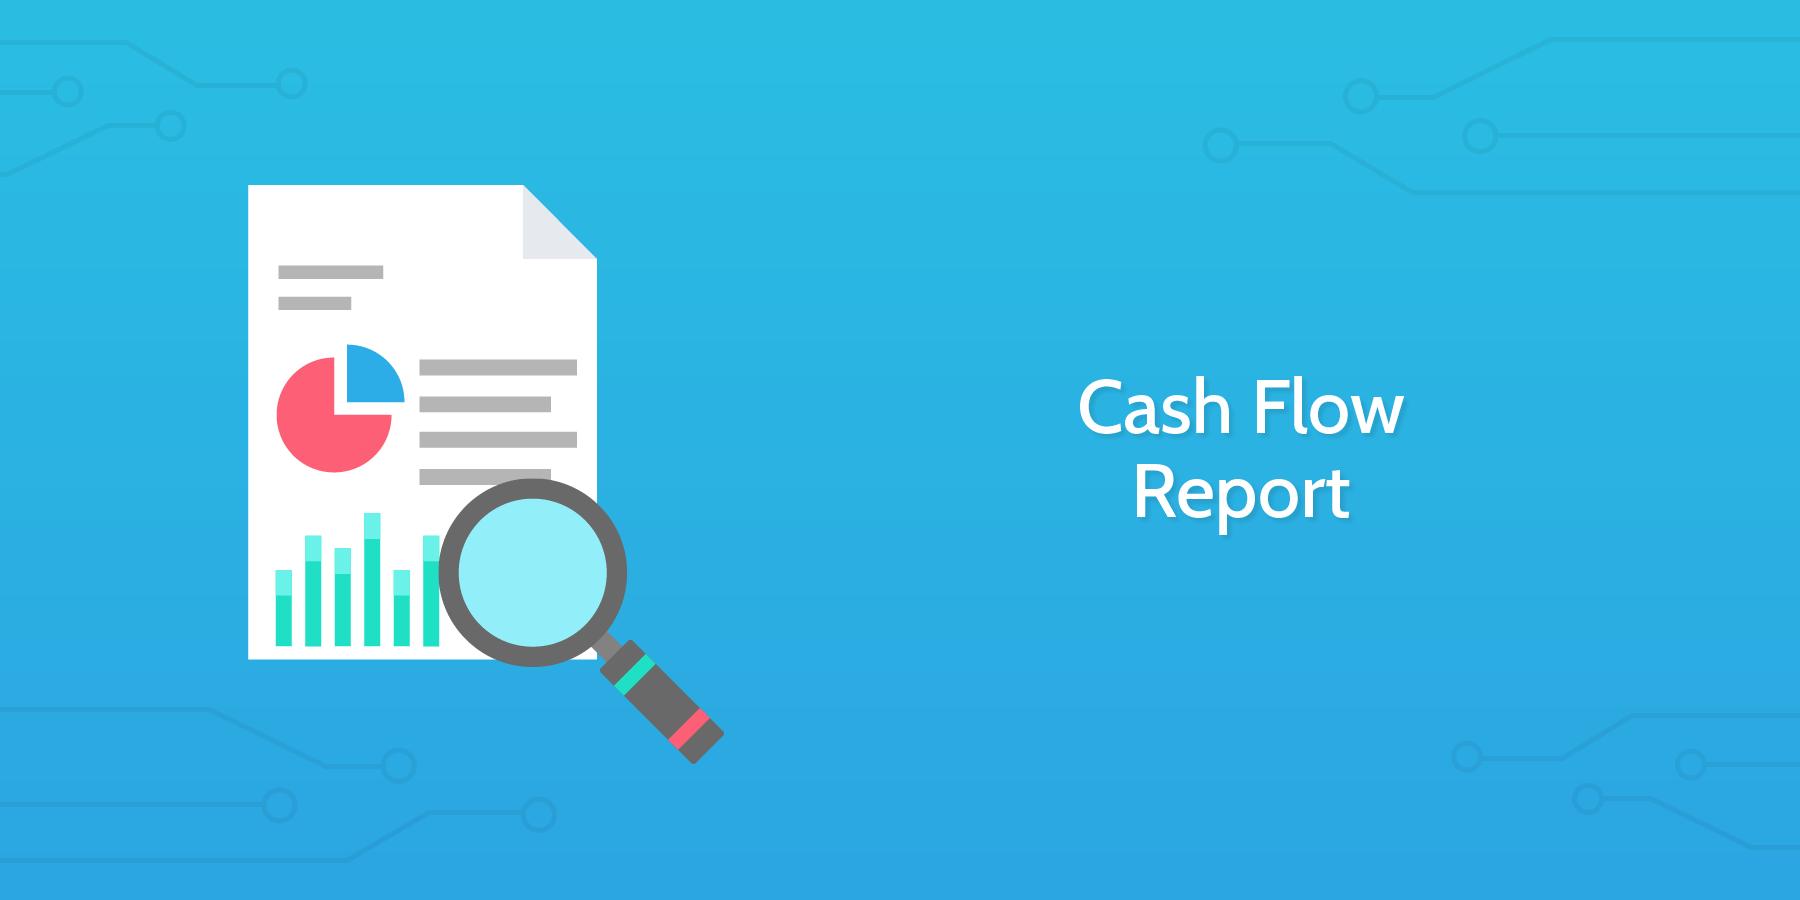 Cash Flow Report